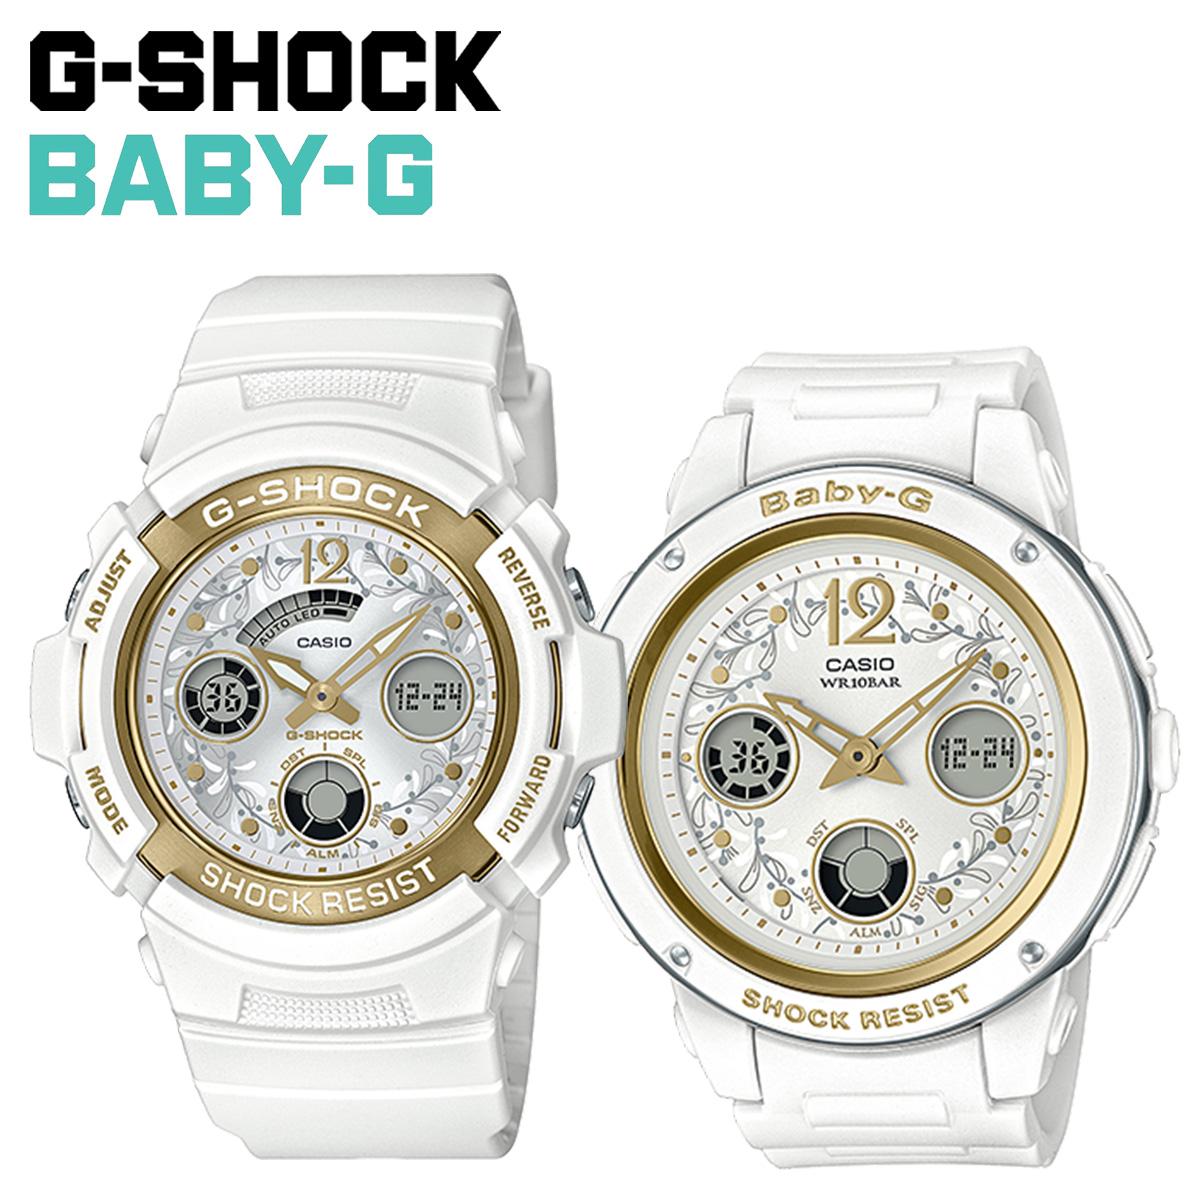 CASIO カシオ G-SHOCK BABY-G 腕時計 LOV-19A-7AJR ラバーズコレクション ラバコレ ペアウォッチ ジーショック Gショック ベビージー ベビーG メンズ レディース ホワイト 白